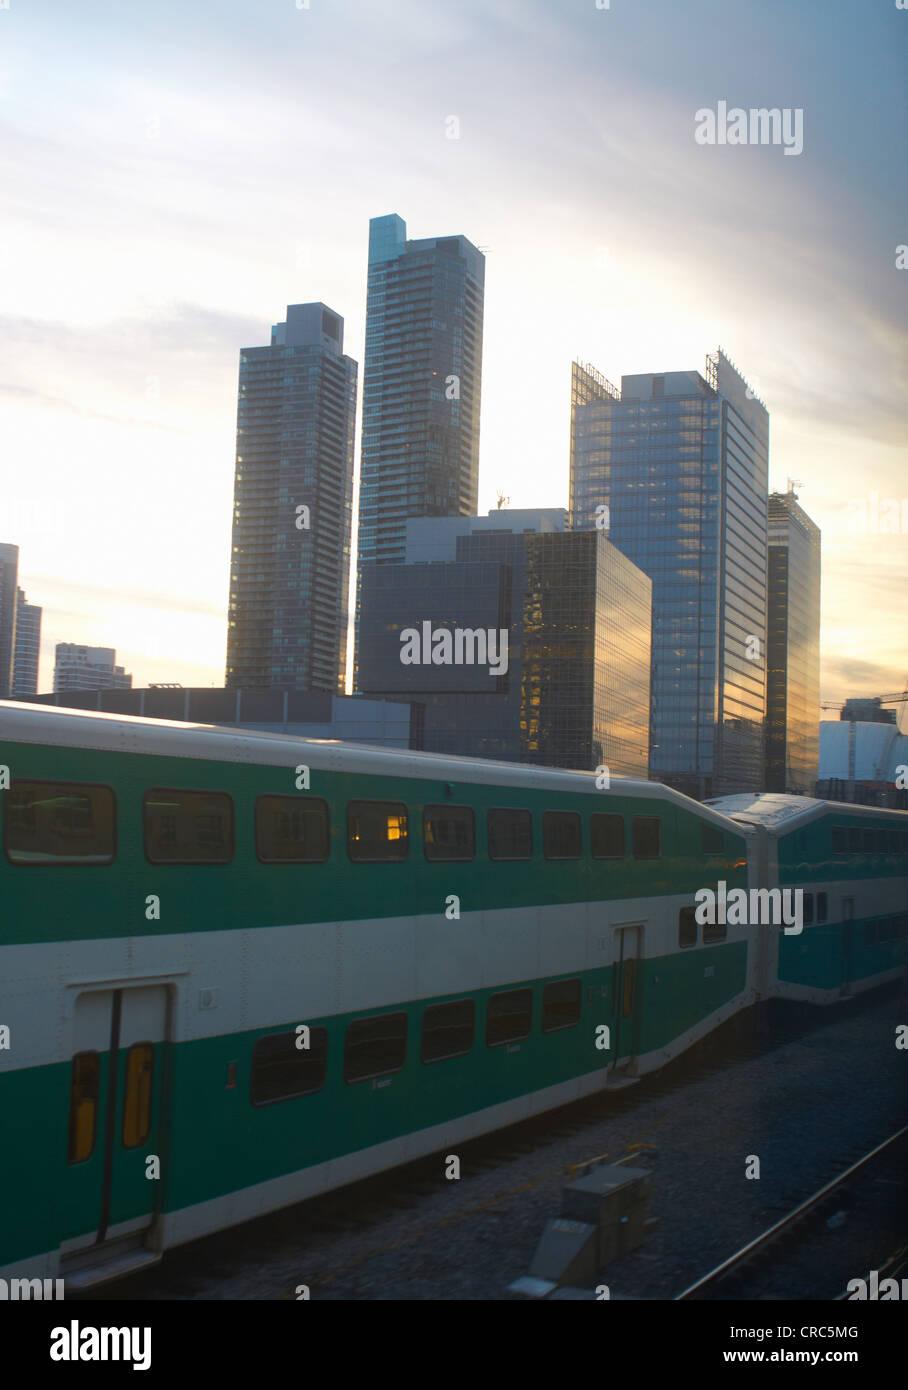 Train passing by Toronto city skyline - Stock Image